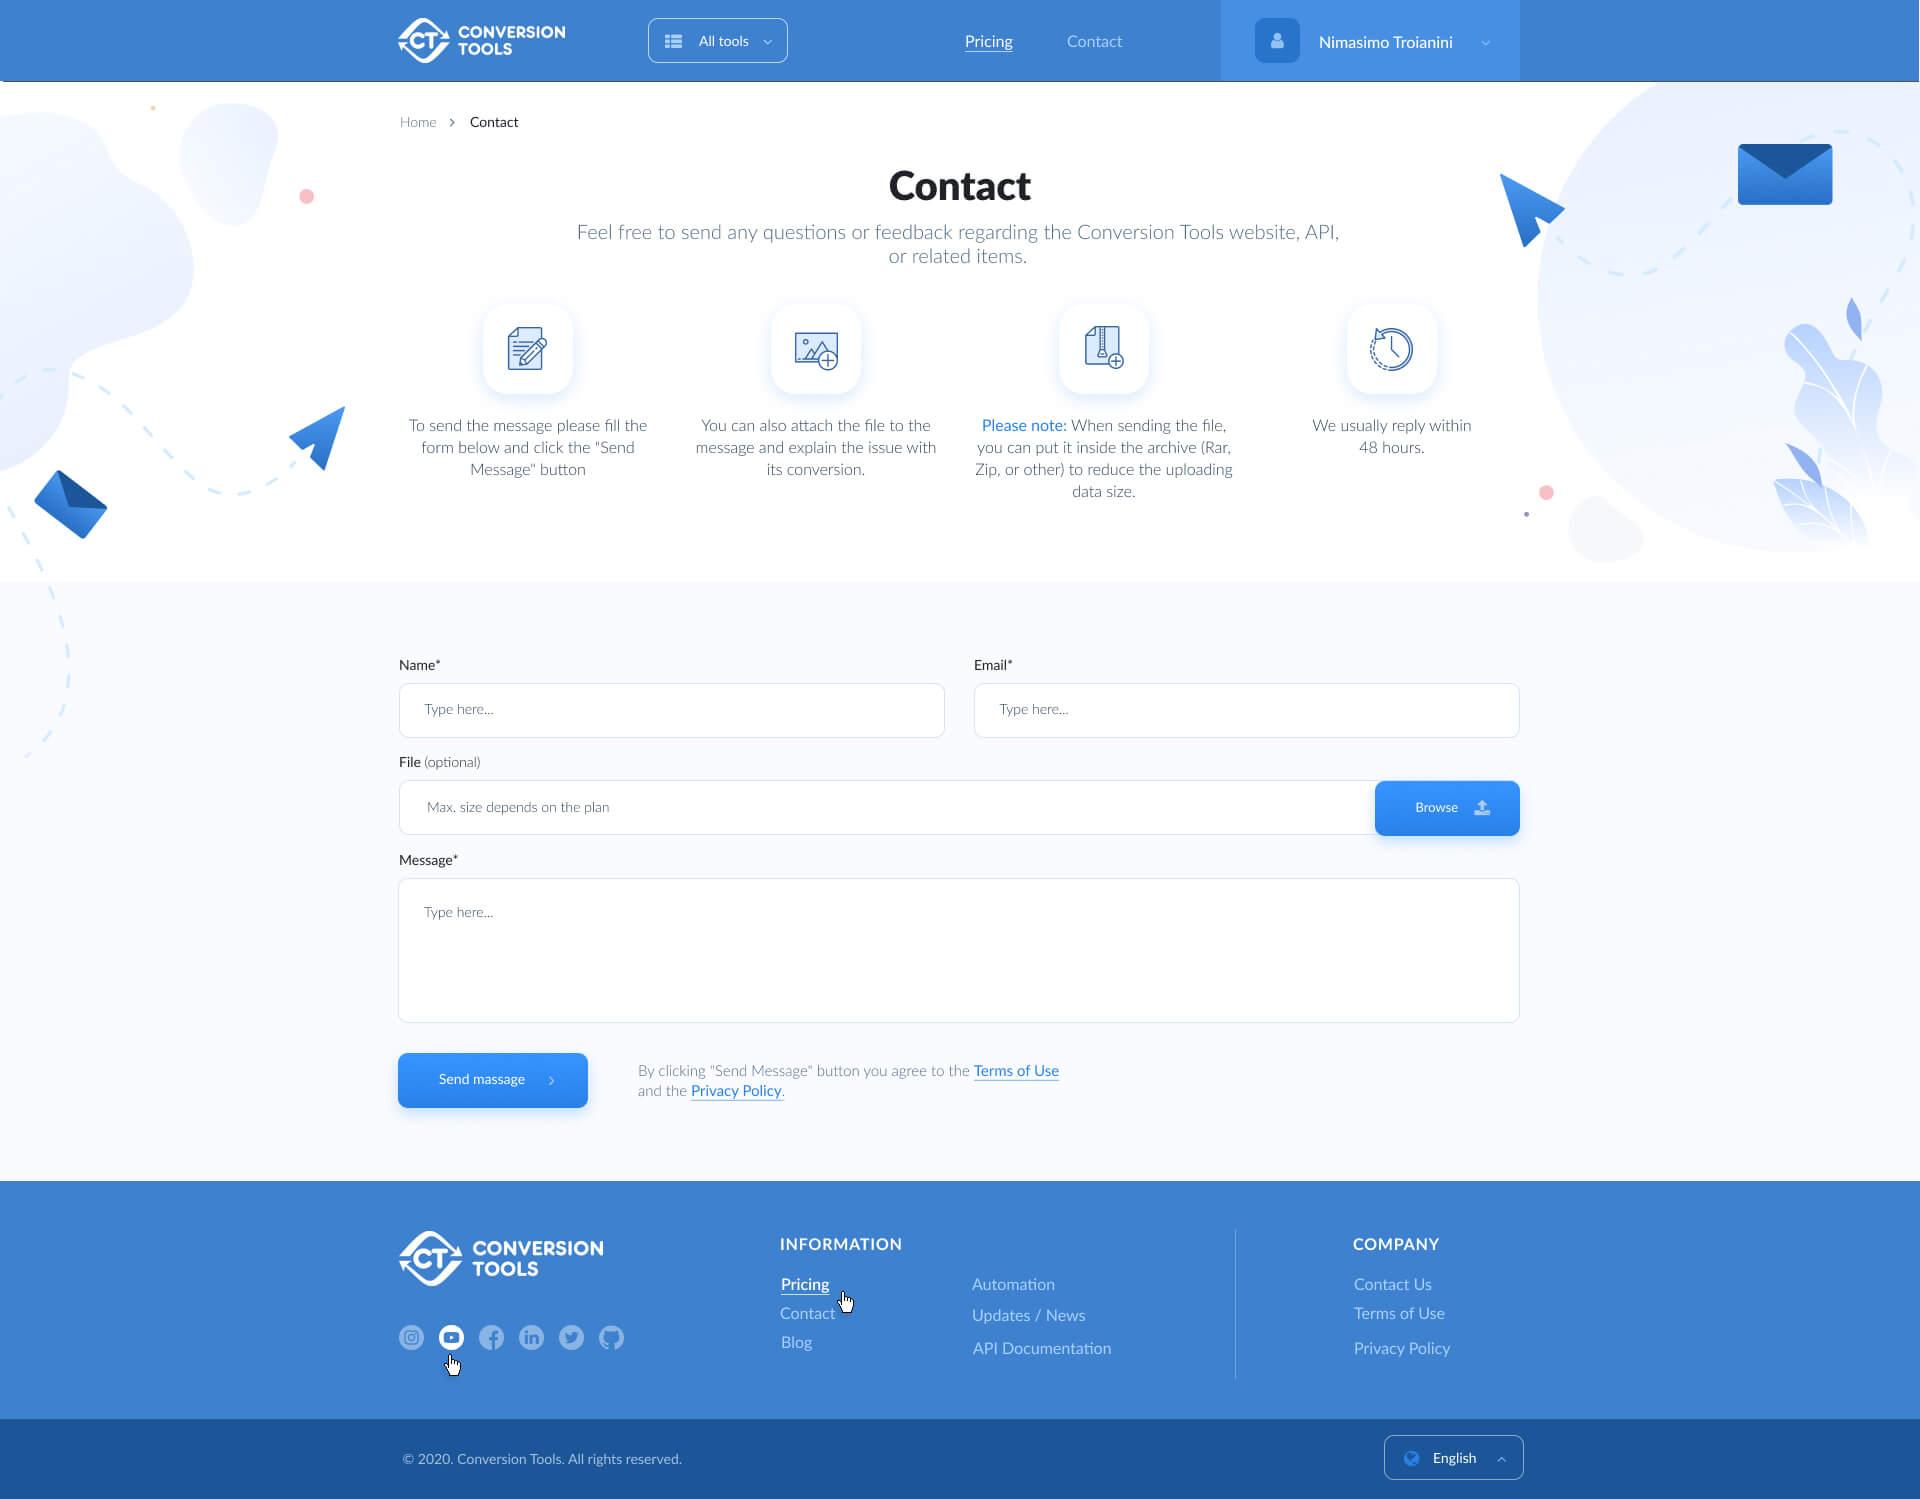 05_Сonversiontools.io_Design_Contacts_1.0